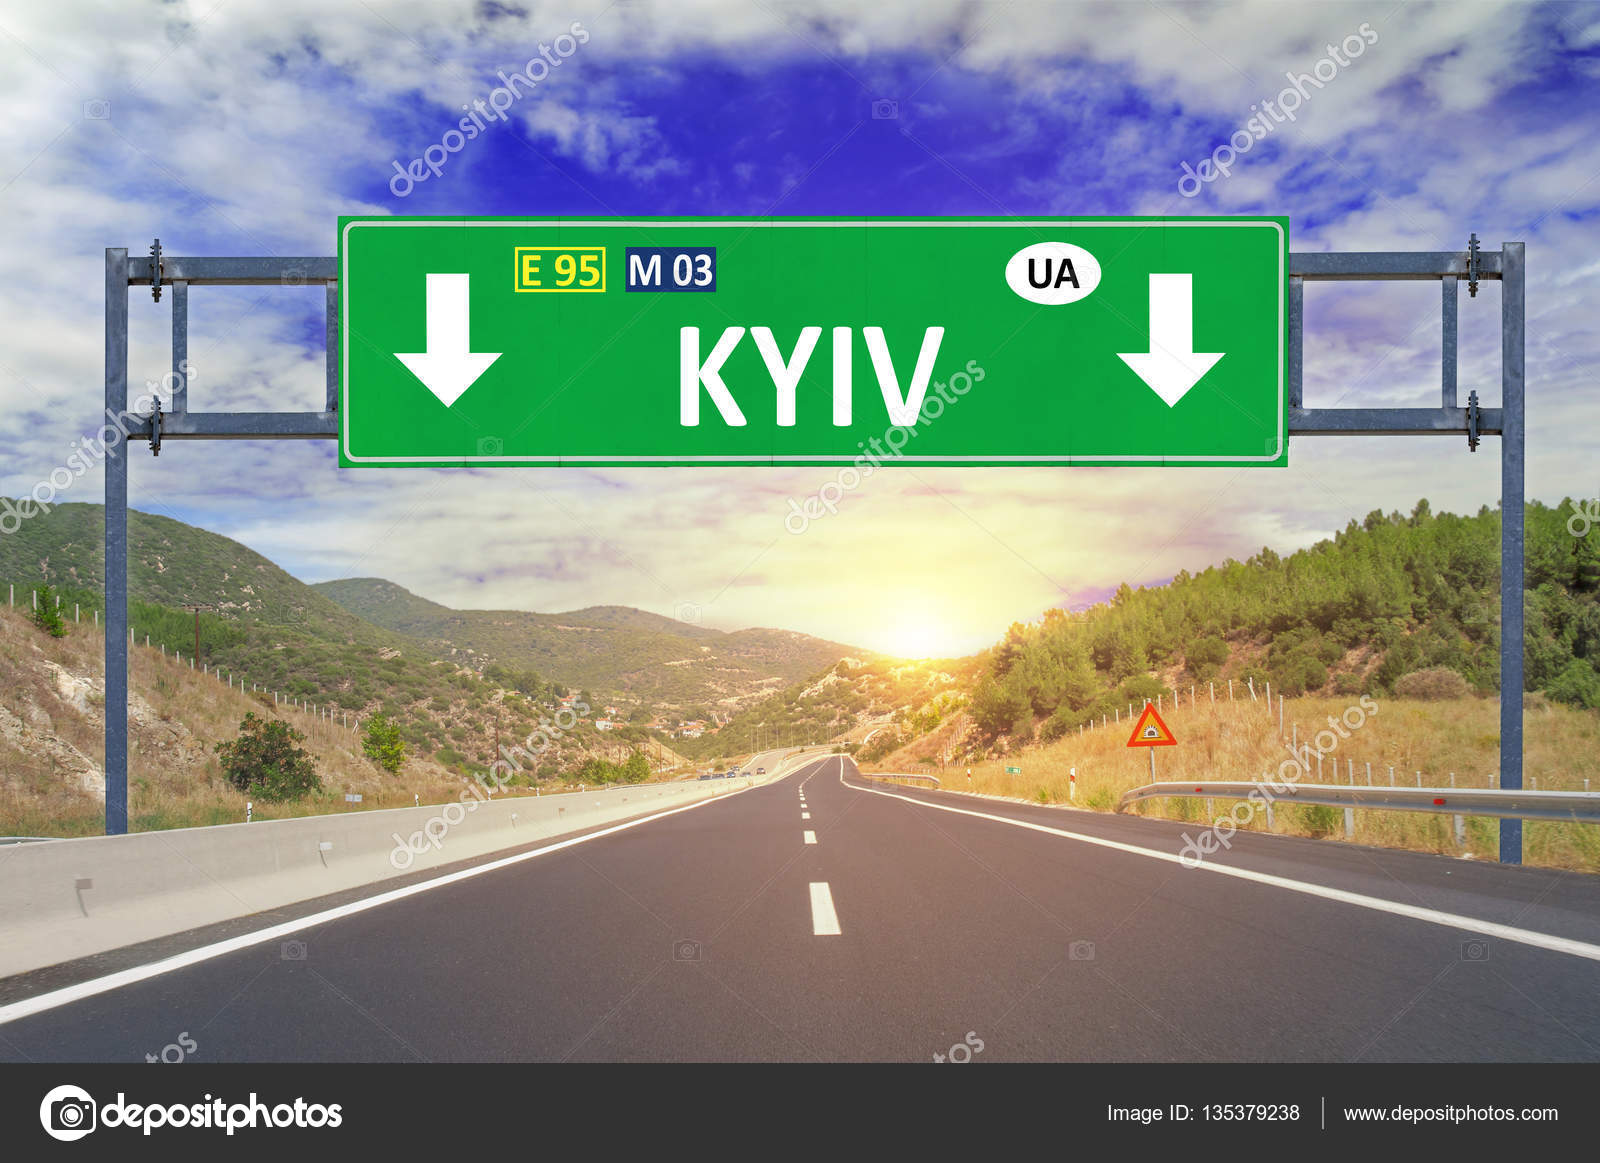 """МАУ відмовляється змінити """"Kiev"""" на """"Kyiv"""", посилаючись на Міжнародну асоціацію повітряного транспорту - Цензор.НЕТ 1892"""